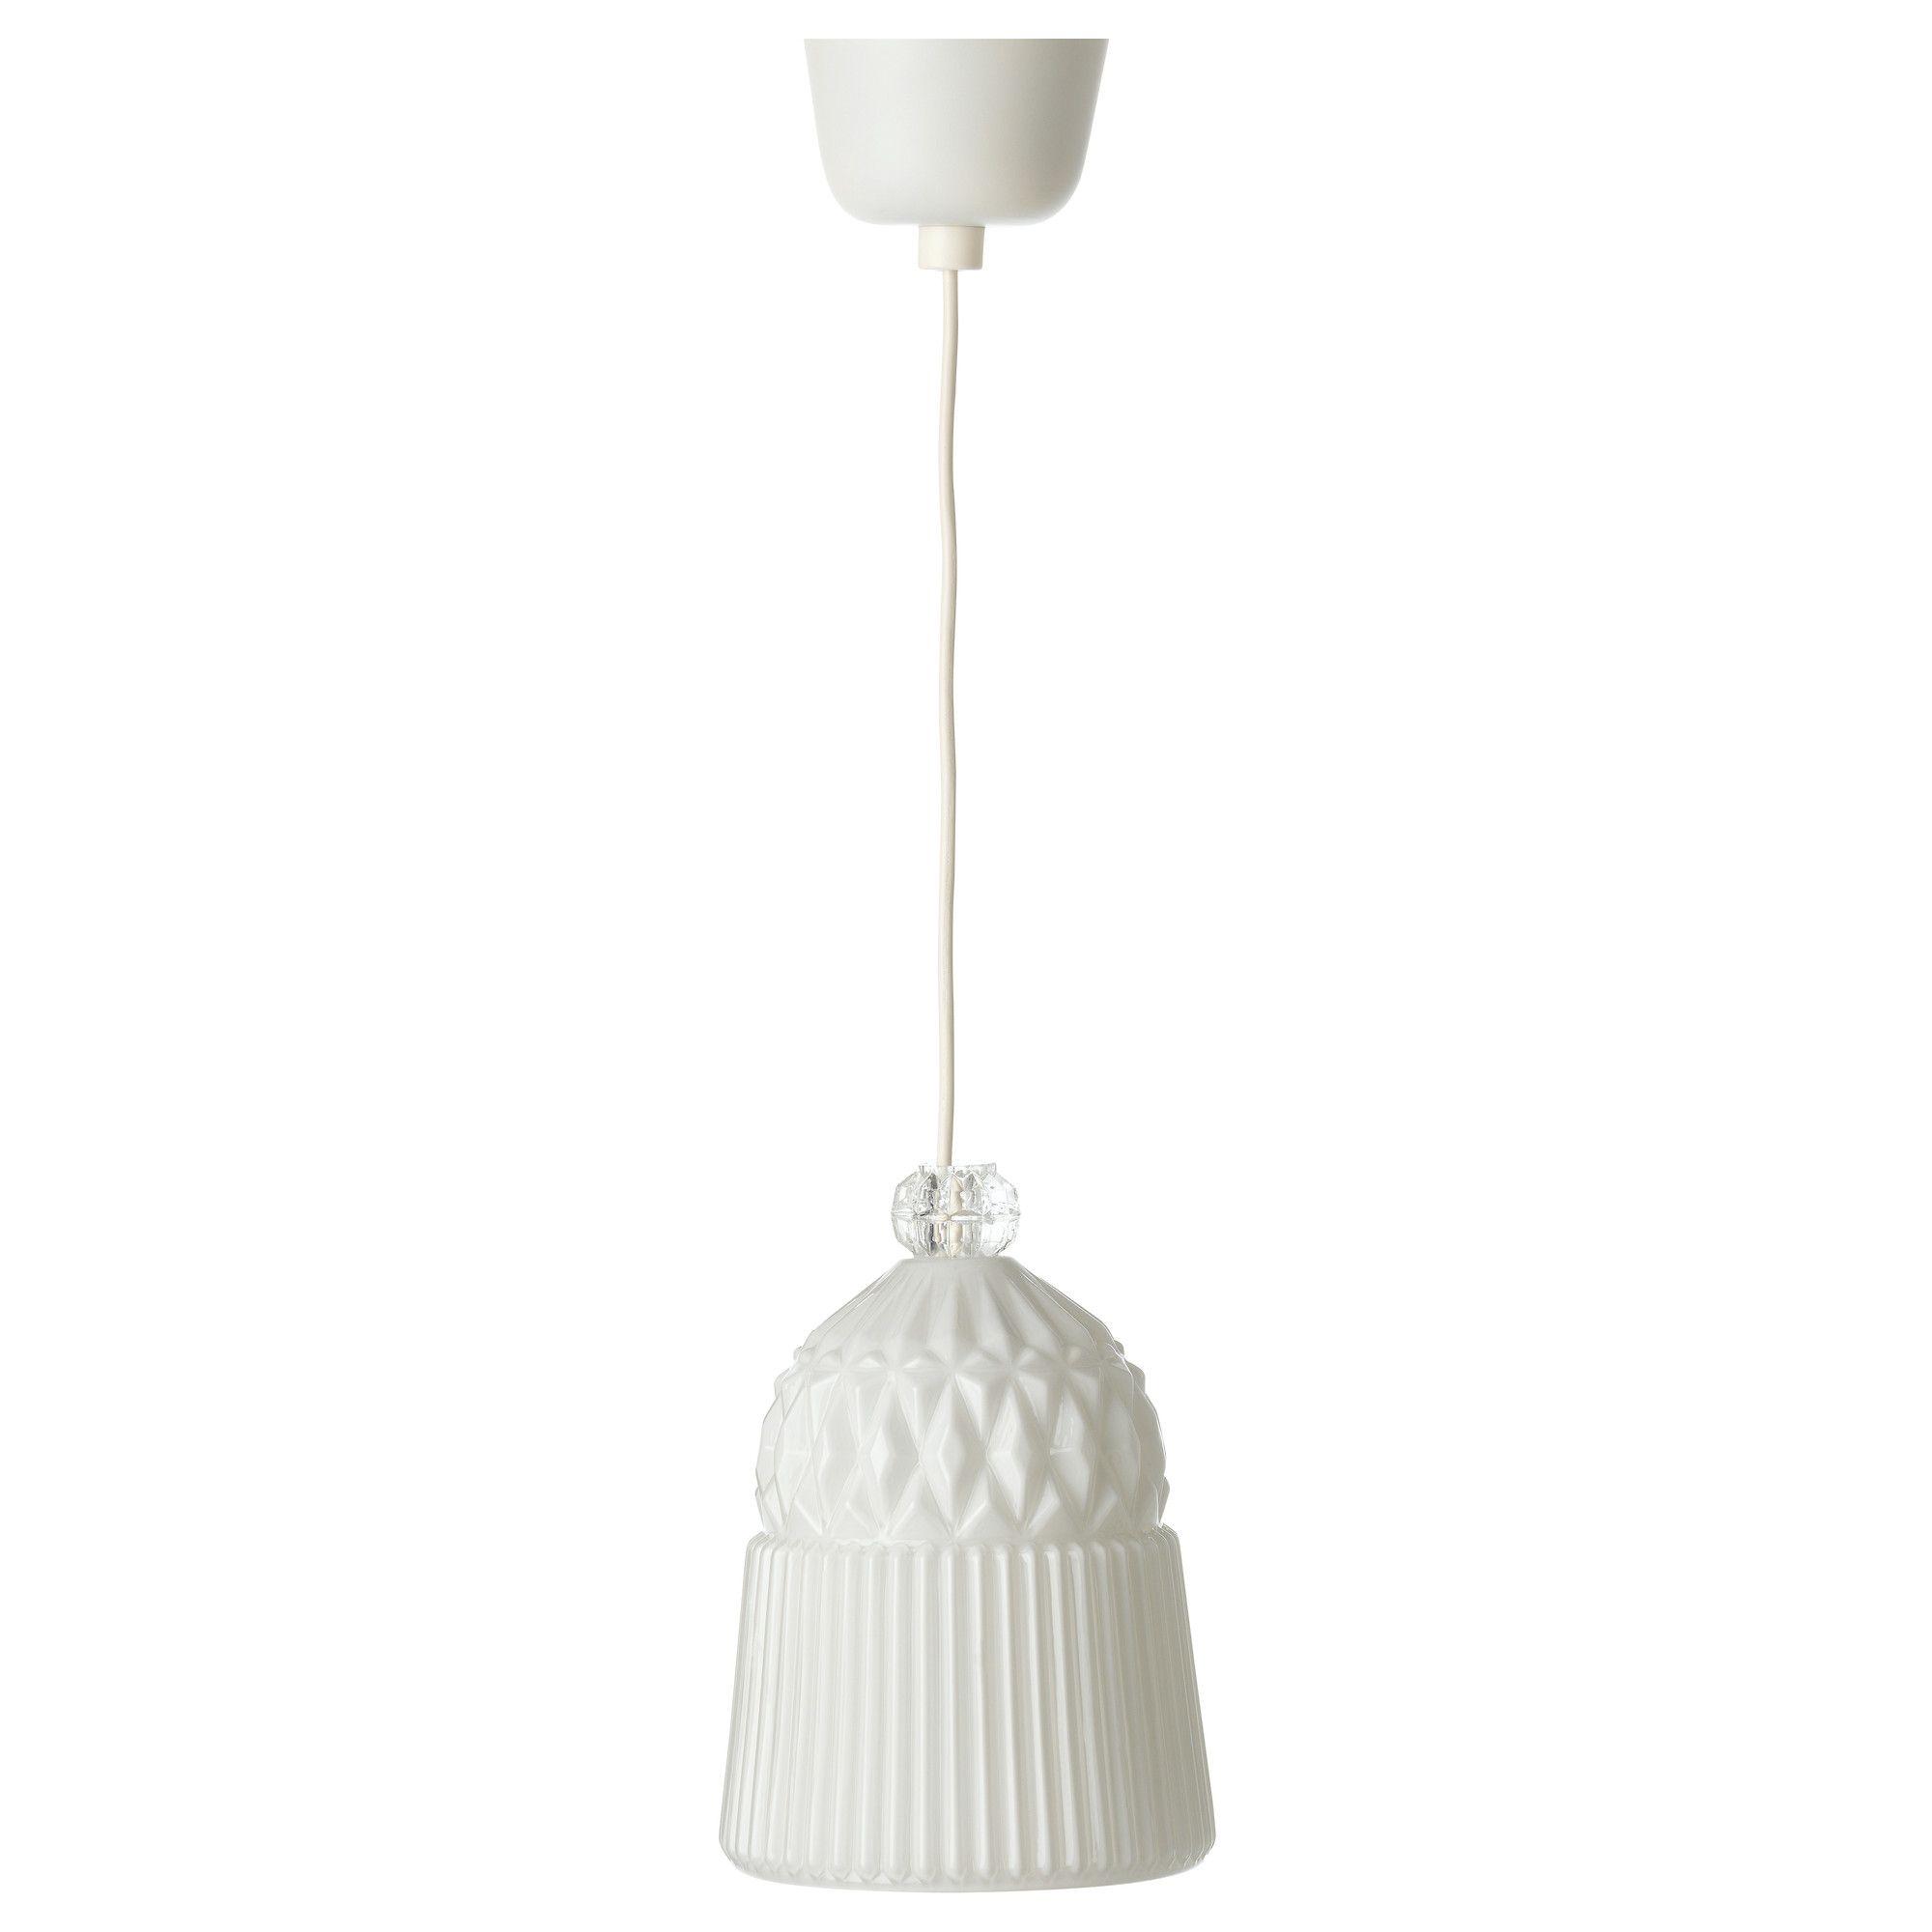 Ikea pendant made of glass